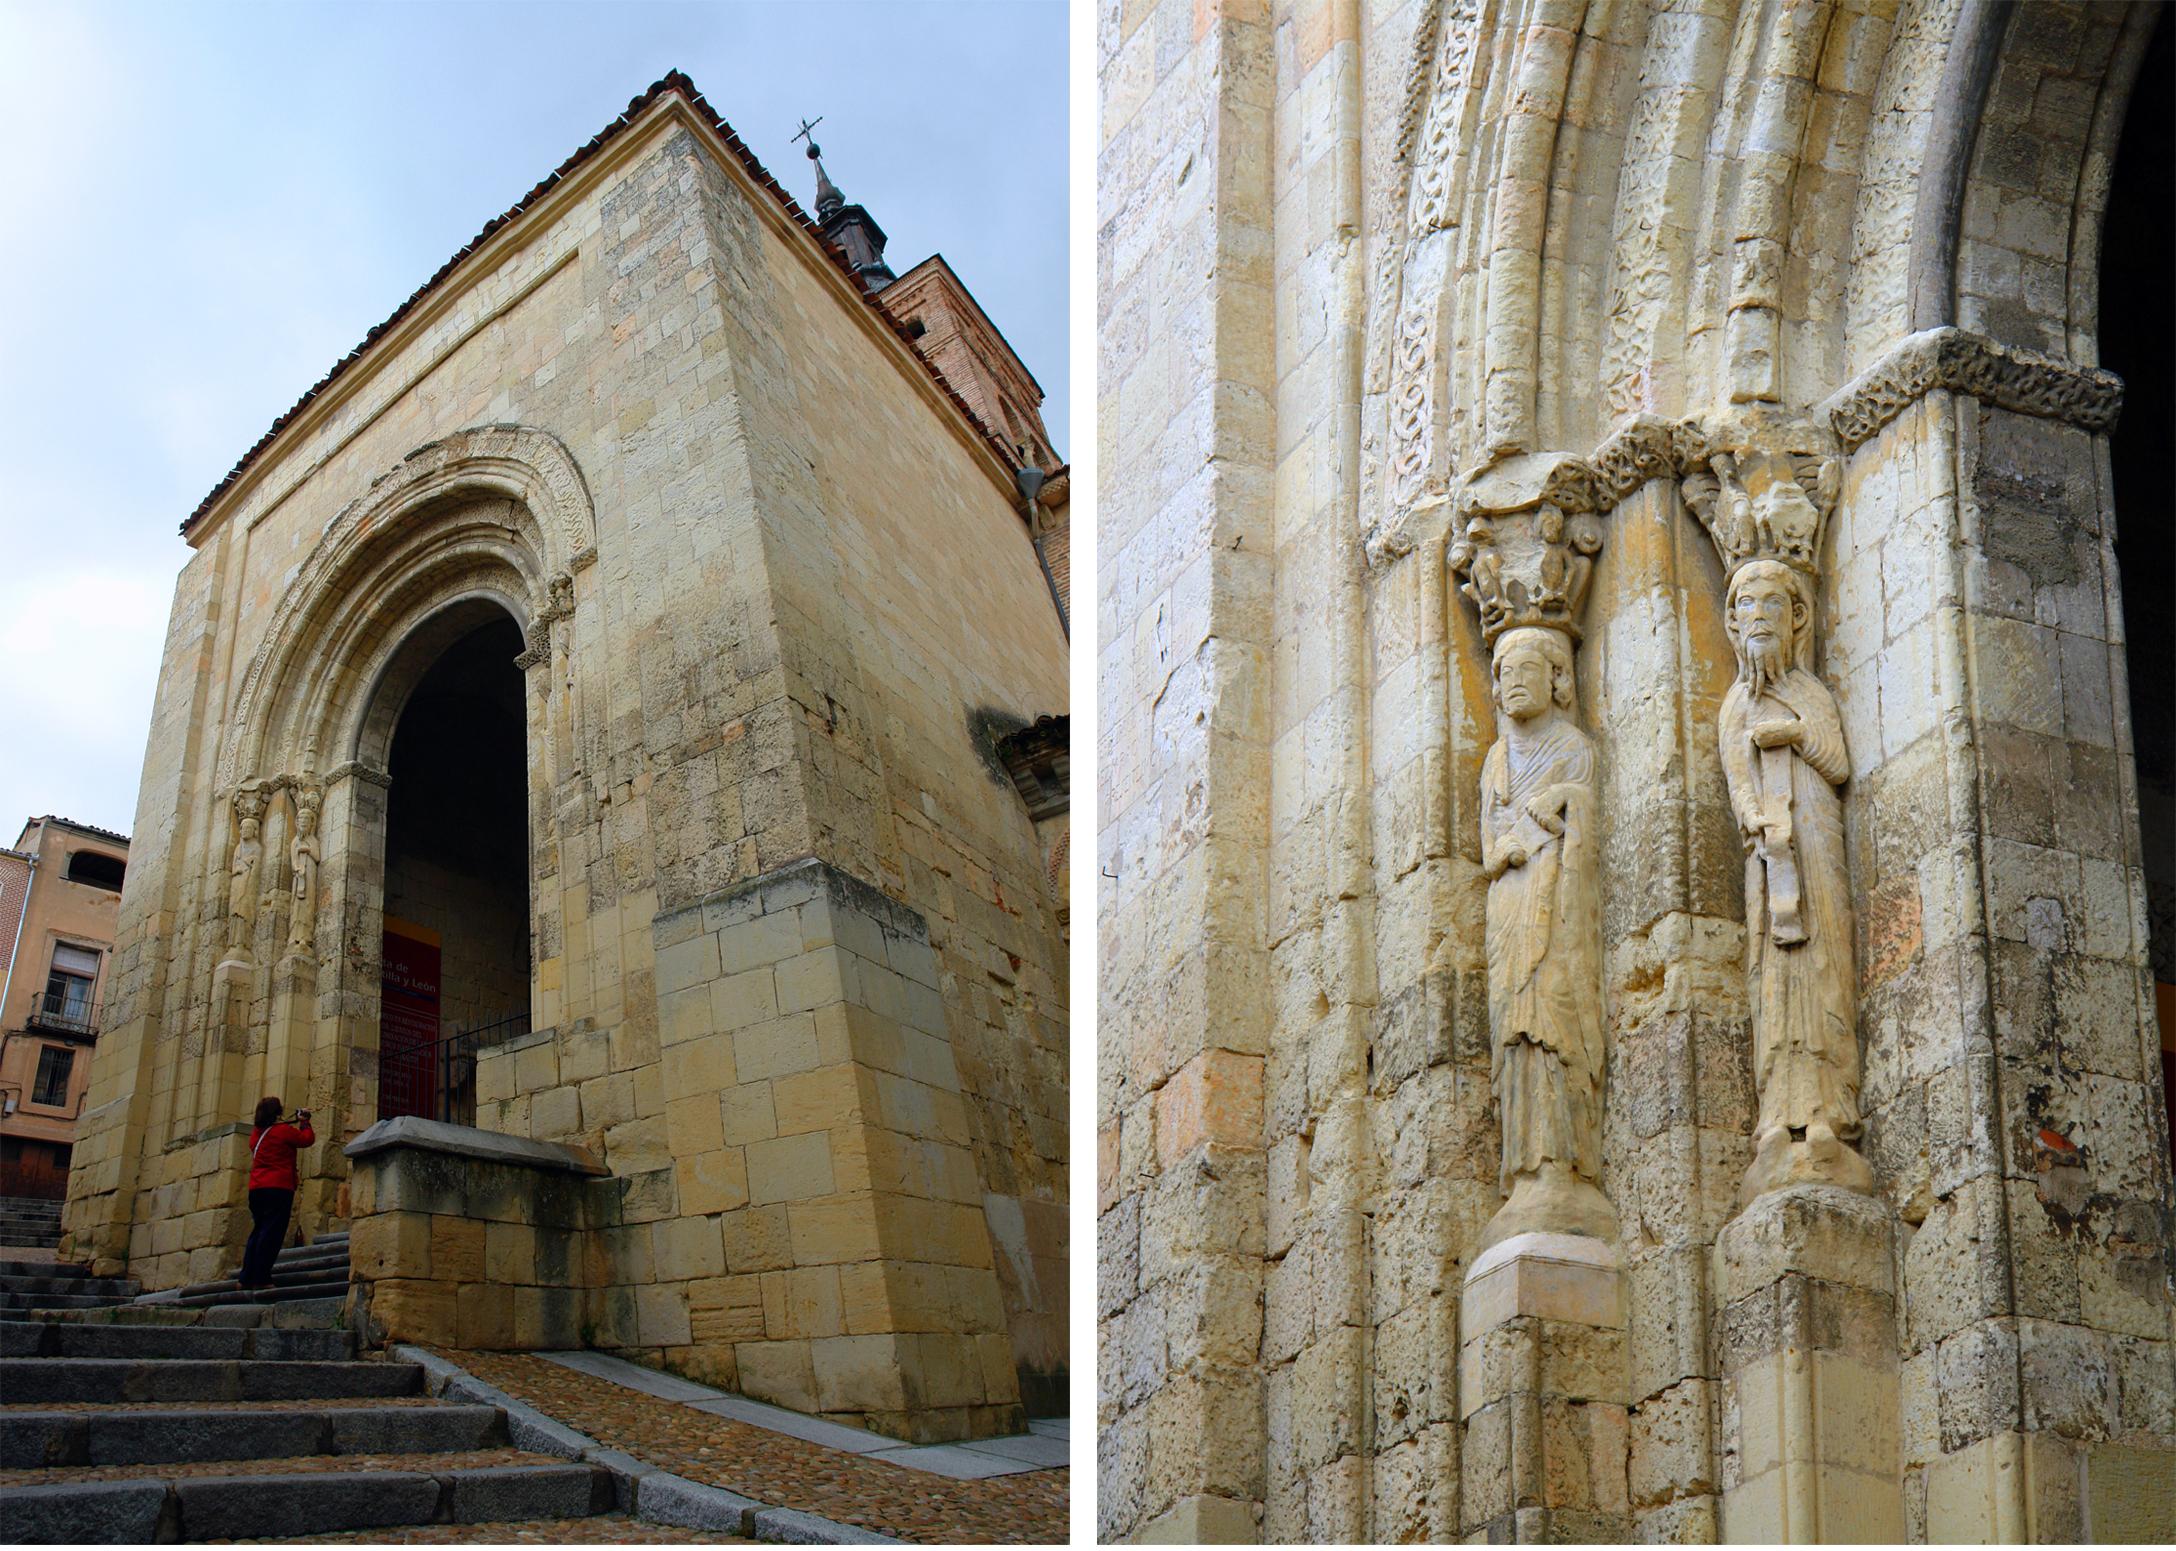 Qué ver Segovia, España qué ver en segovia - 30289241244 1b19c1a375 o - Qué ver en Segovia, España